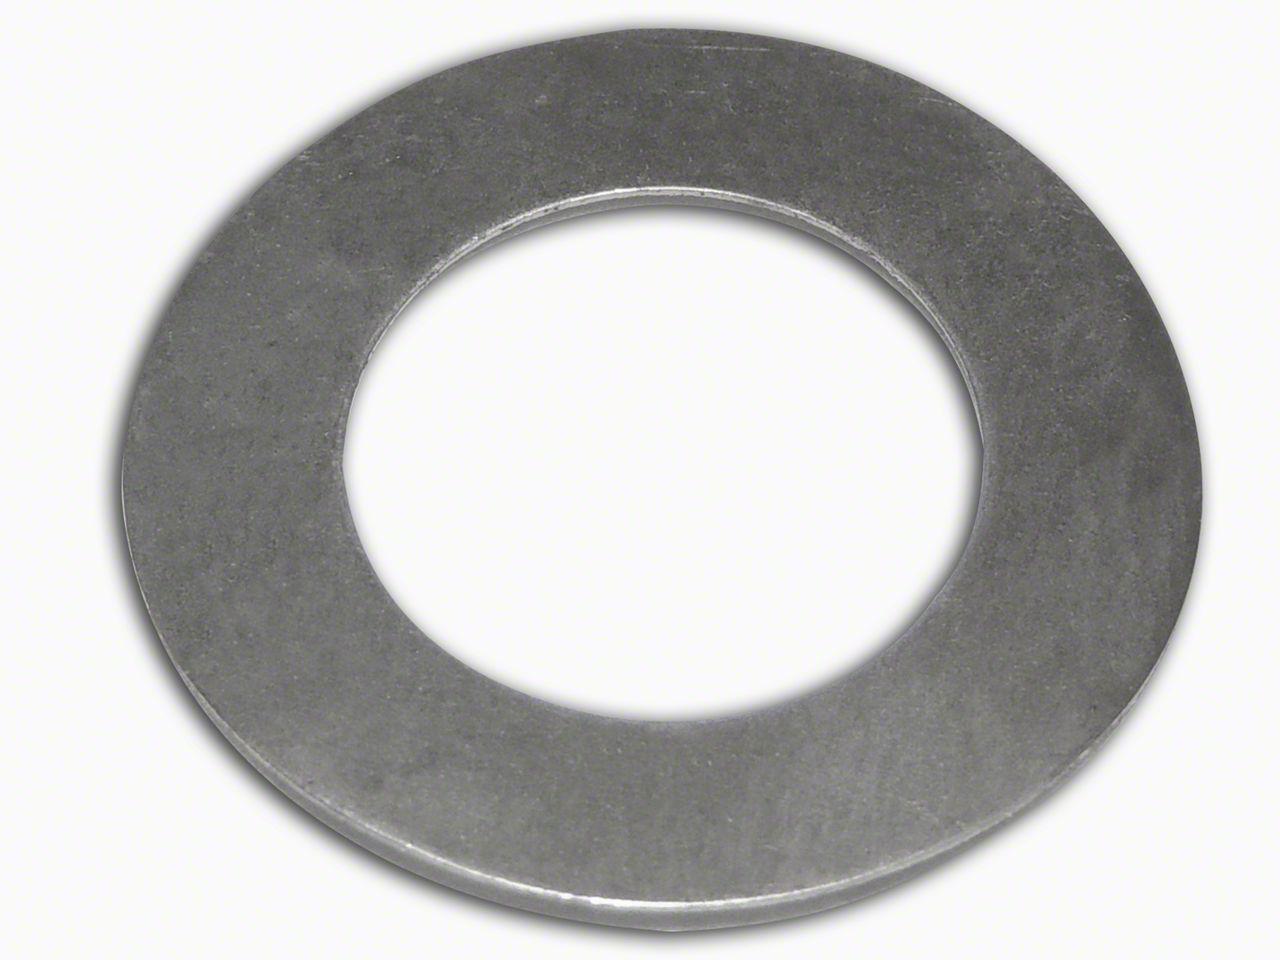 Vintage Distributor Gear Shim (87-90 2.5L or 4.2L Jeep Wrangler YJ)